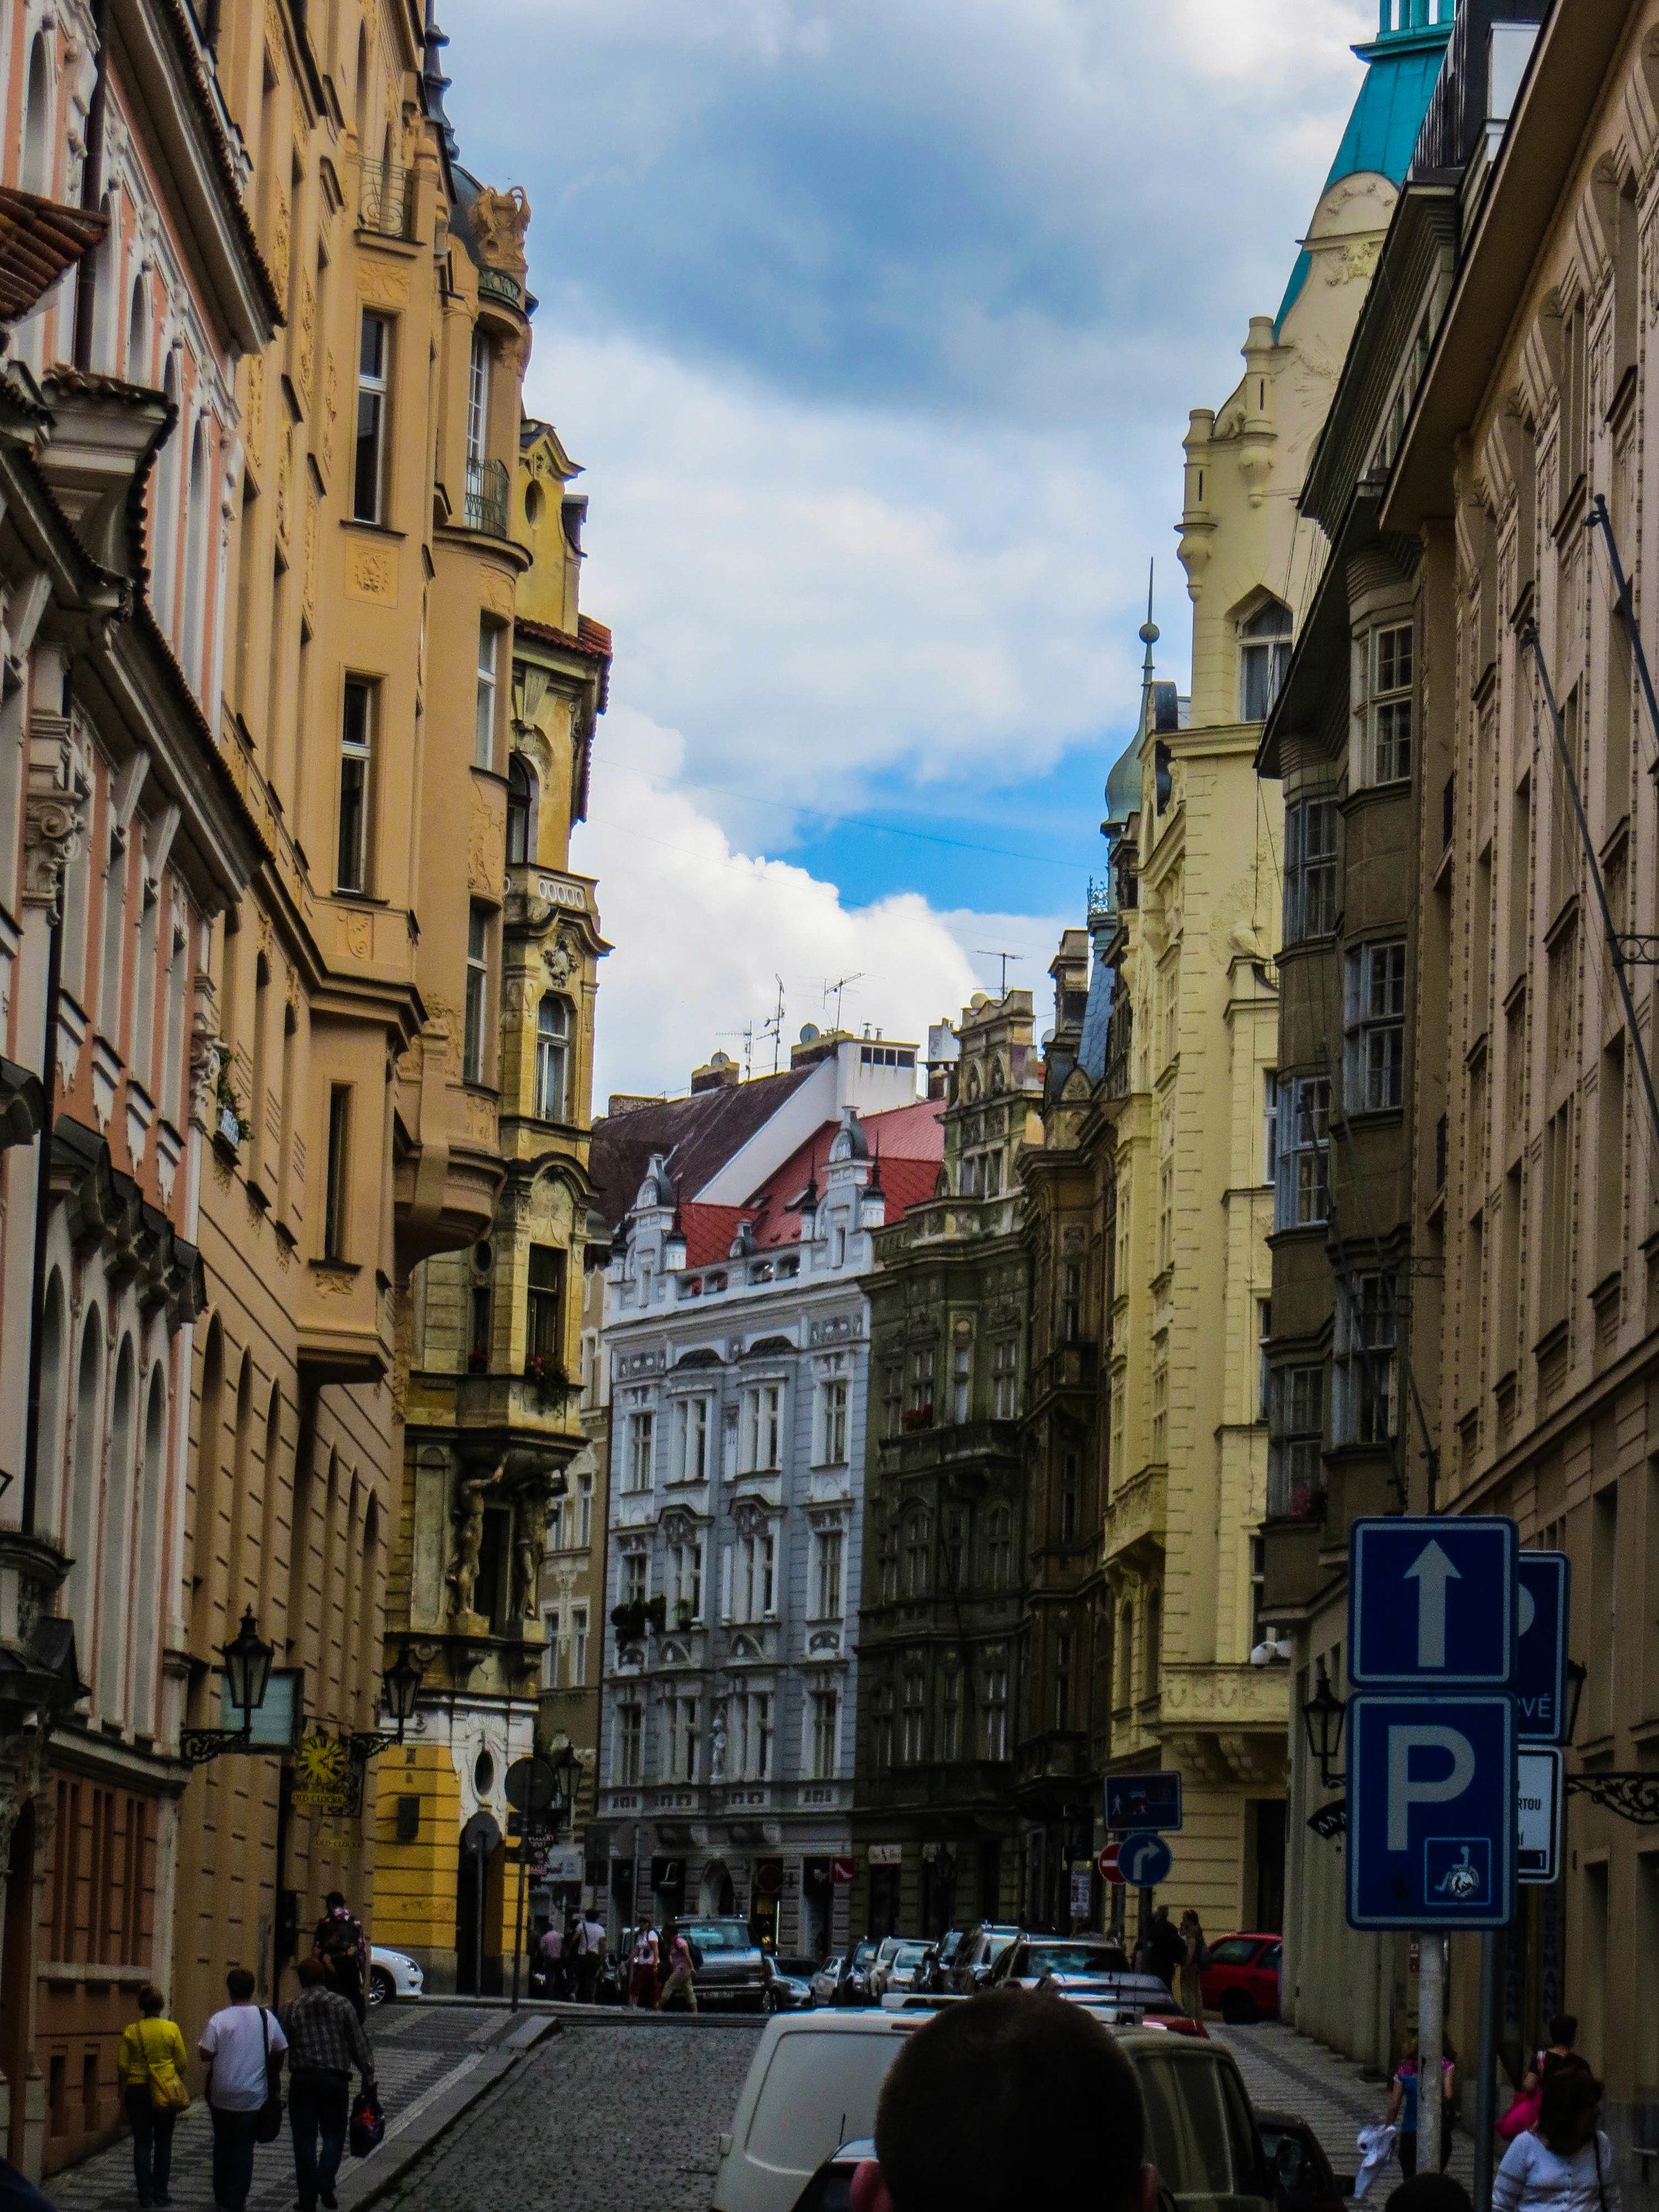 prague-praha-czechia-czech-republic-22.jpg